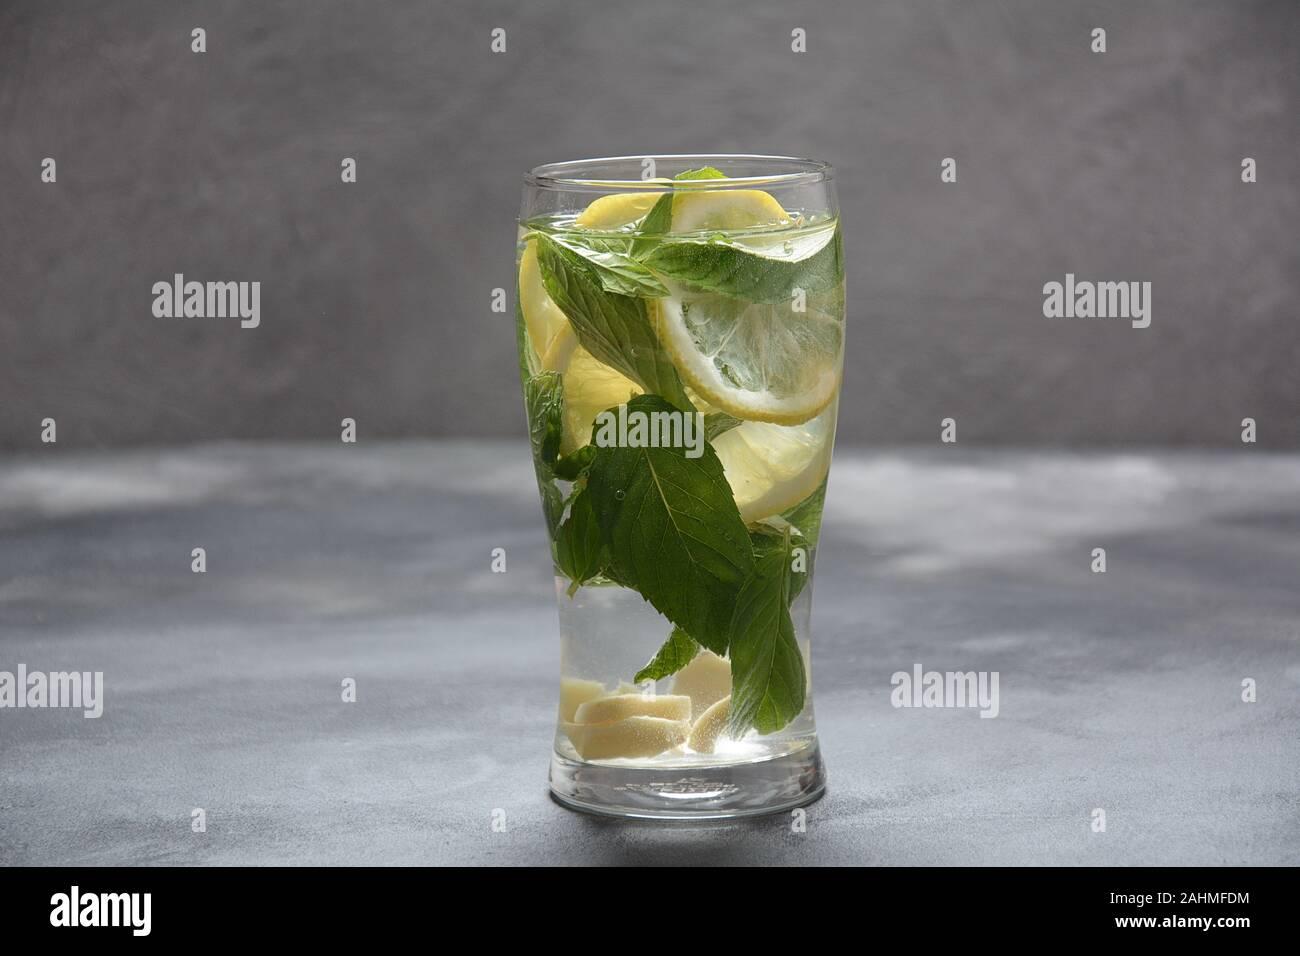 Détox d'eau avec citron et concombre frais, sur fond sombre, foyer sélectif. Limonade froide Banque D'Images